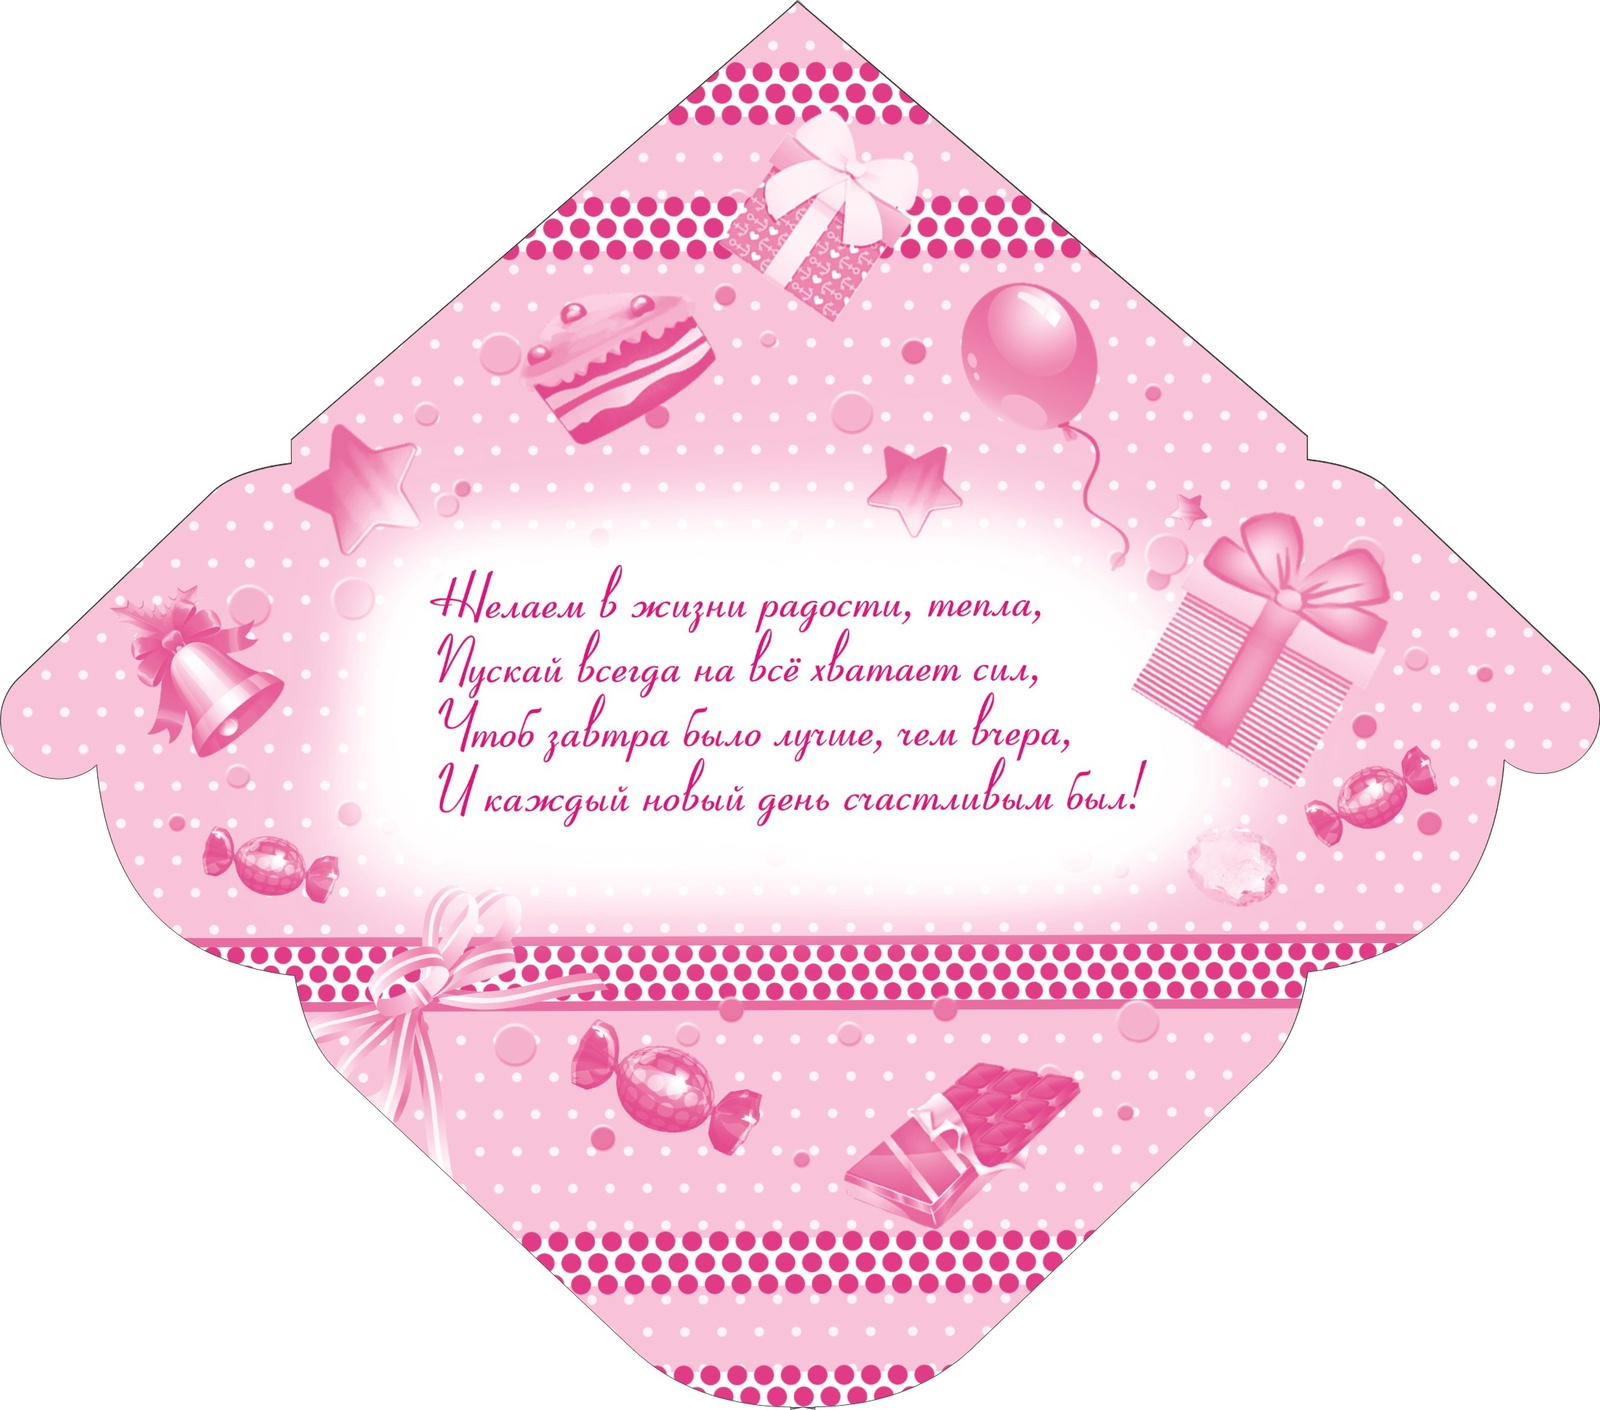 конверты с поздравлениями для печати ниже находятся ссылки